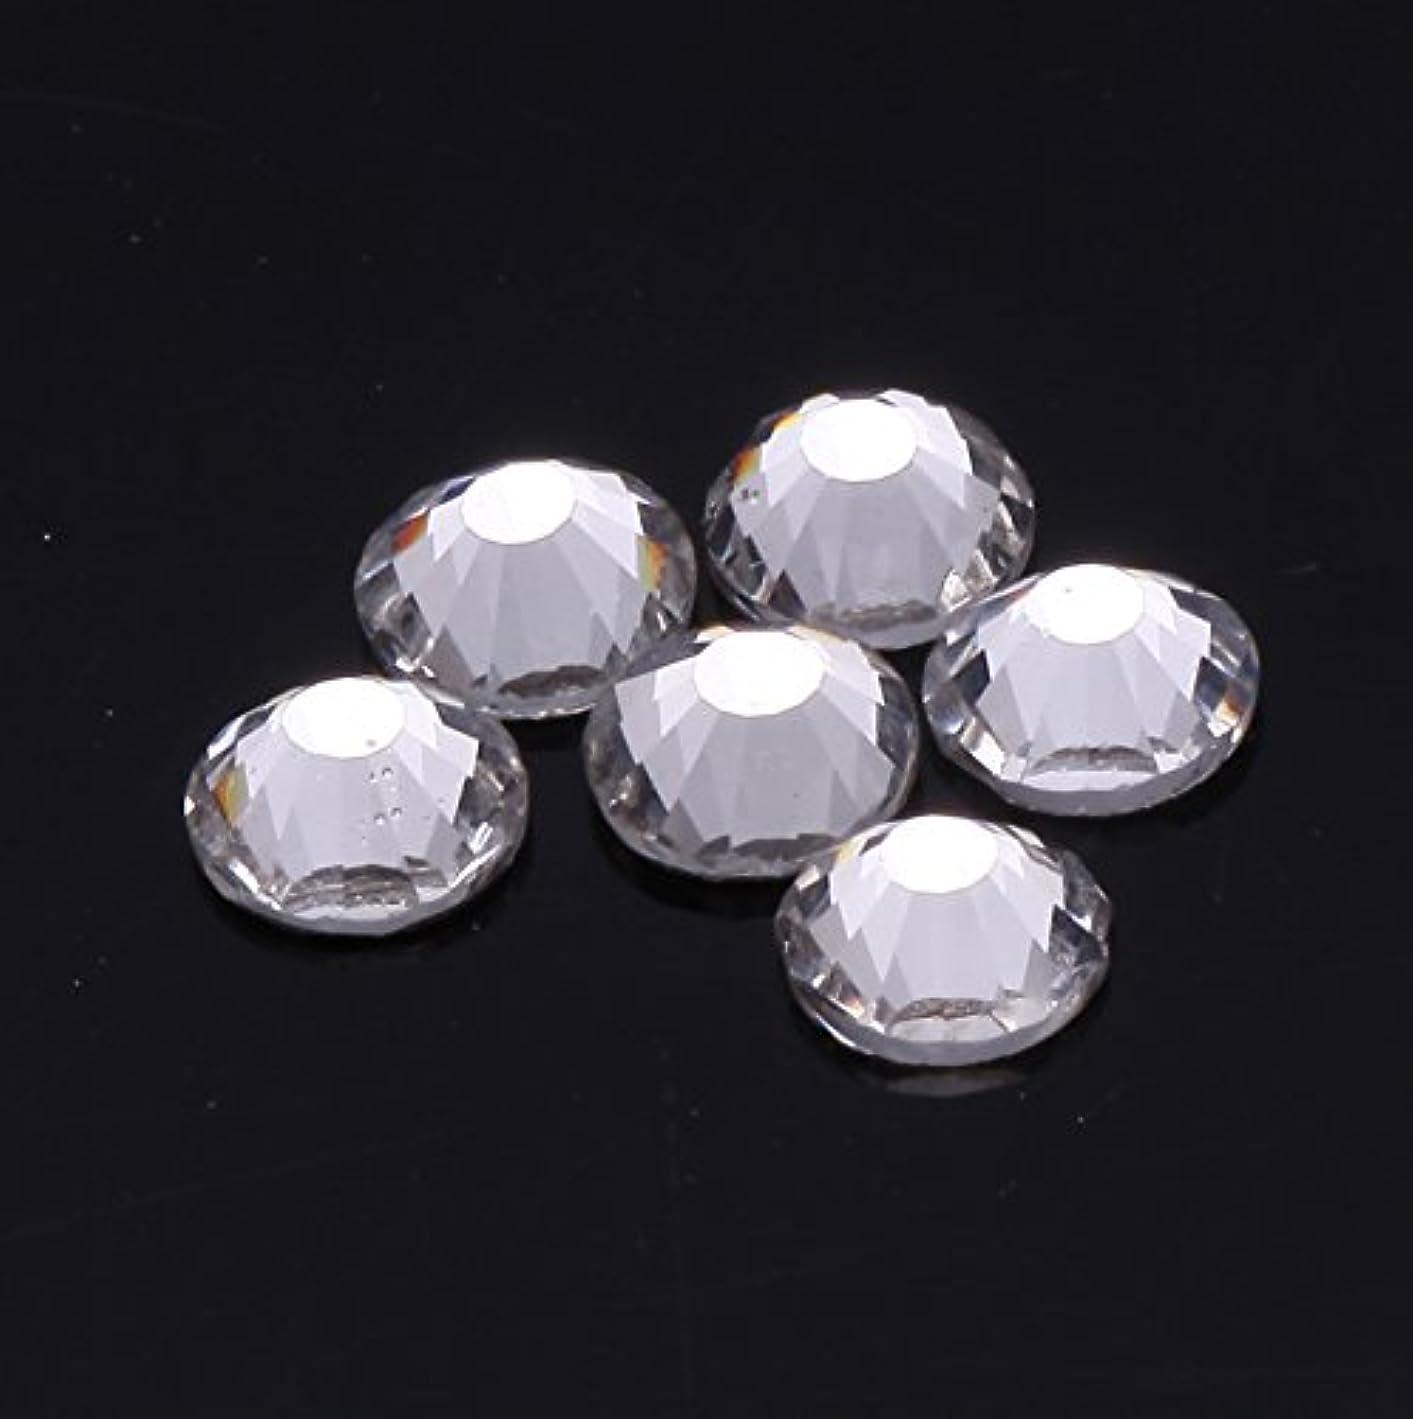 定義未来ハント1440粒ガラス製ラインストーン ネイル デコパーツ クリスタル (1.2mm (SS3) 約1440粒)